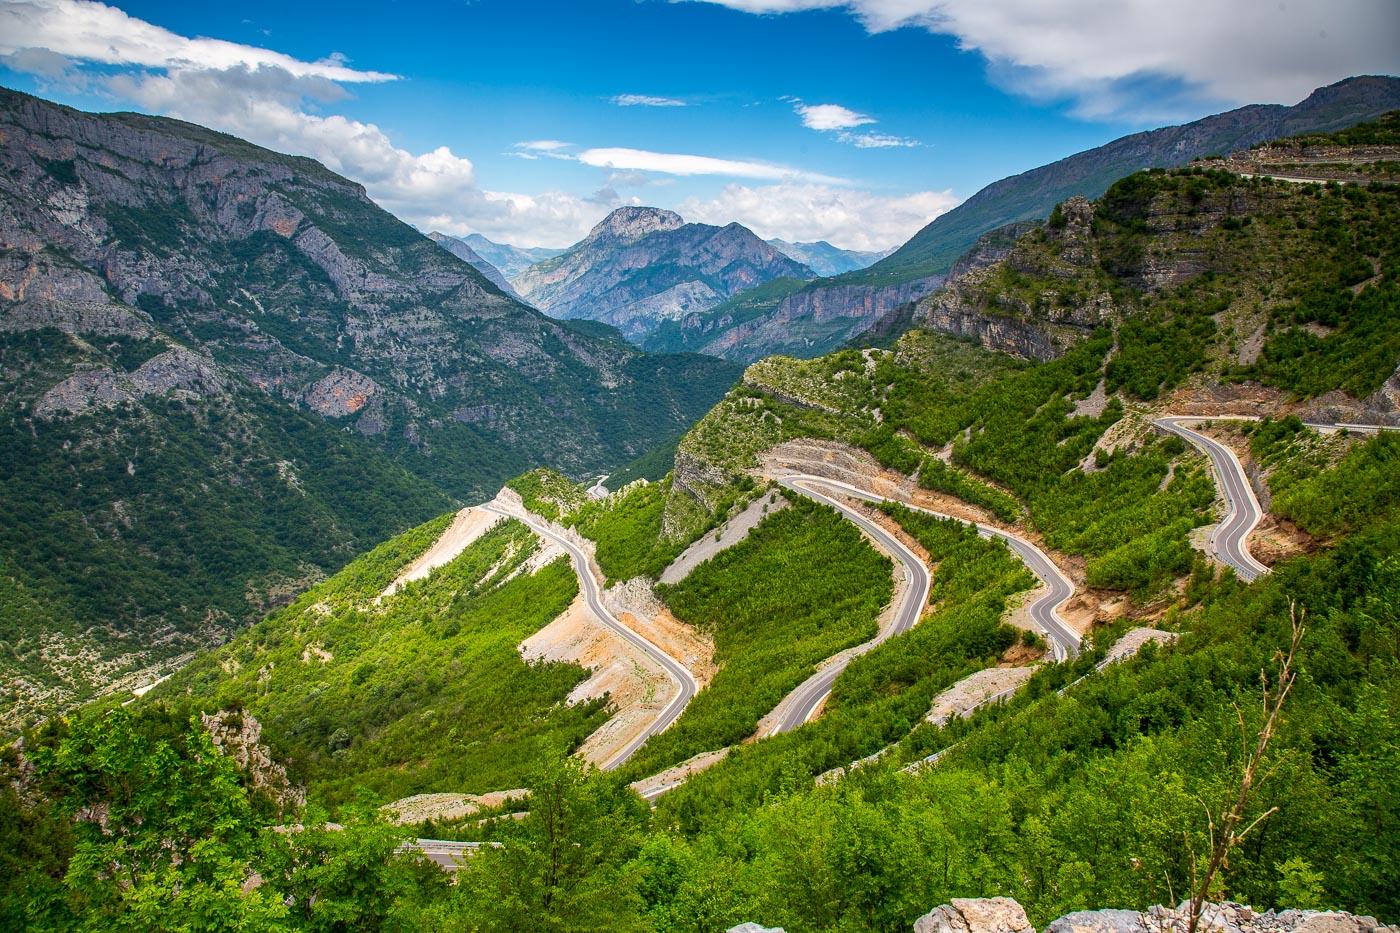 Reise_Balkan-8779.jpg